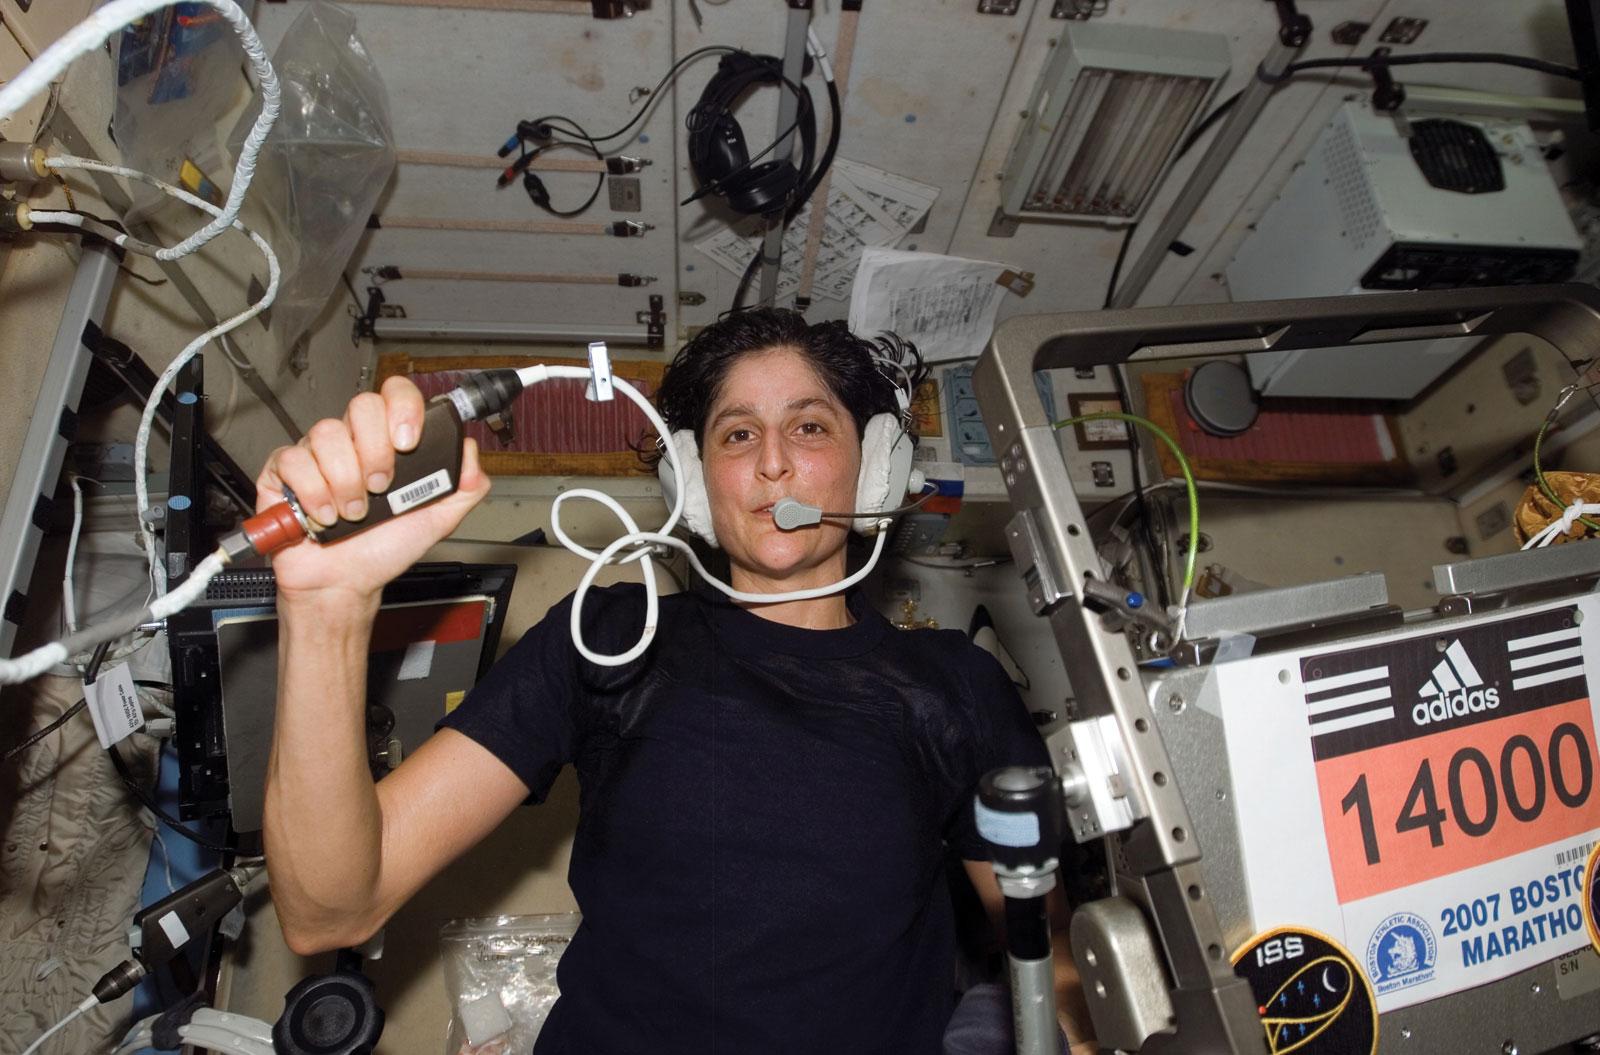 अंतरिक्ष में कारनामा करने वाली भारतीय मूल की उड़नपरी सुनीता